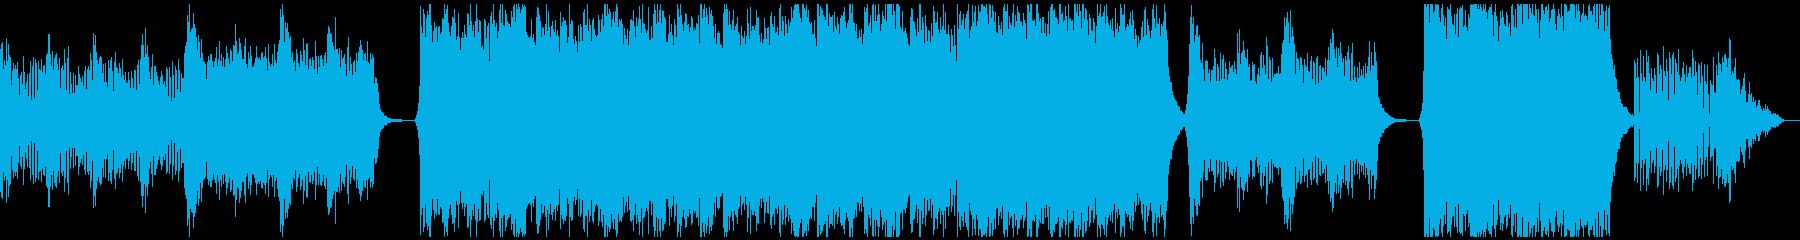 【予告編】トレーラー・映画の再生済みの波形